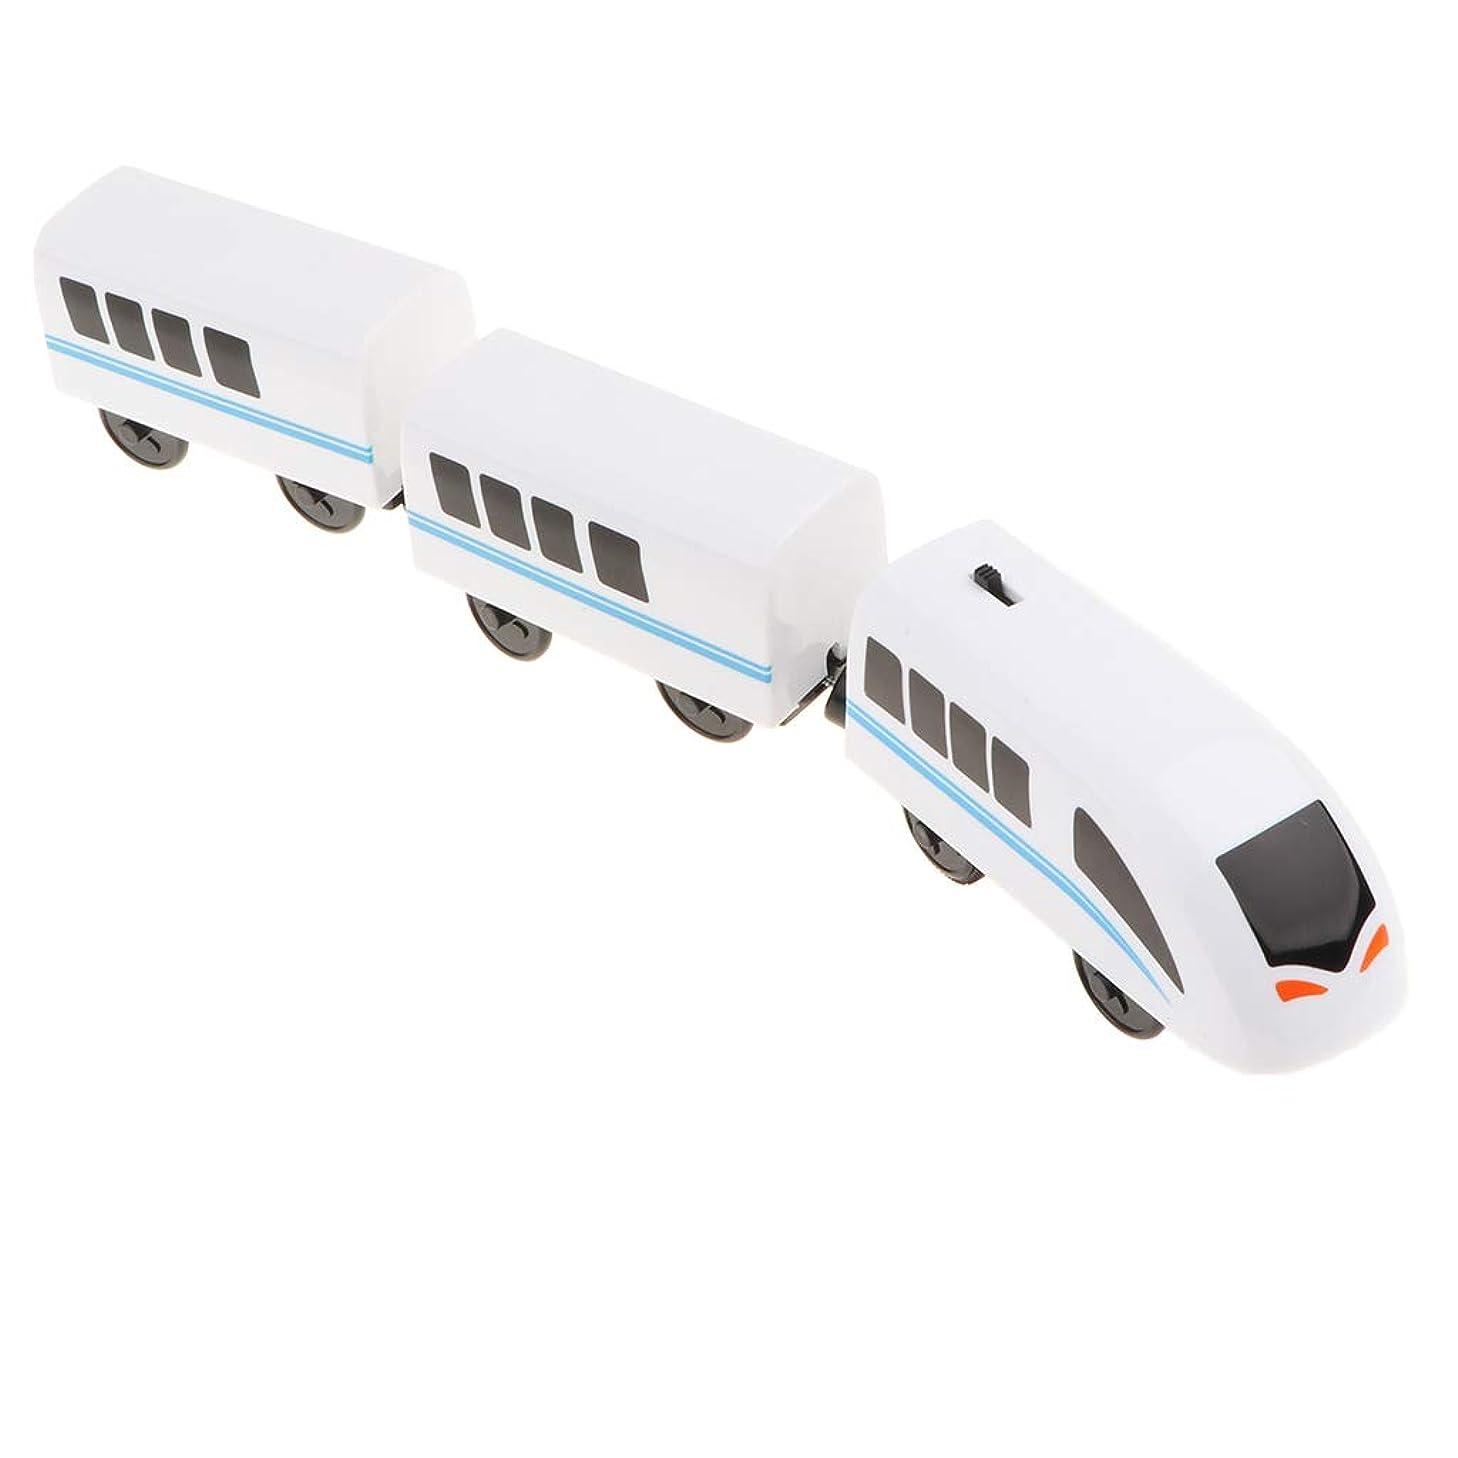 ノイズバウンド週末ホワイト 機関車 電車 車両モデル プラスチック製 おもちゃ